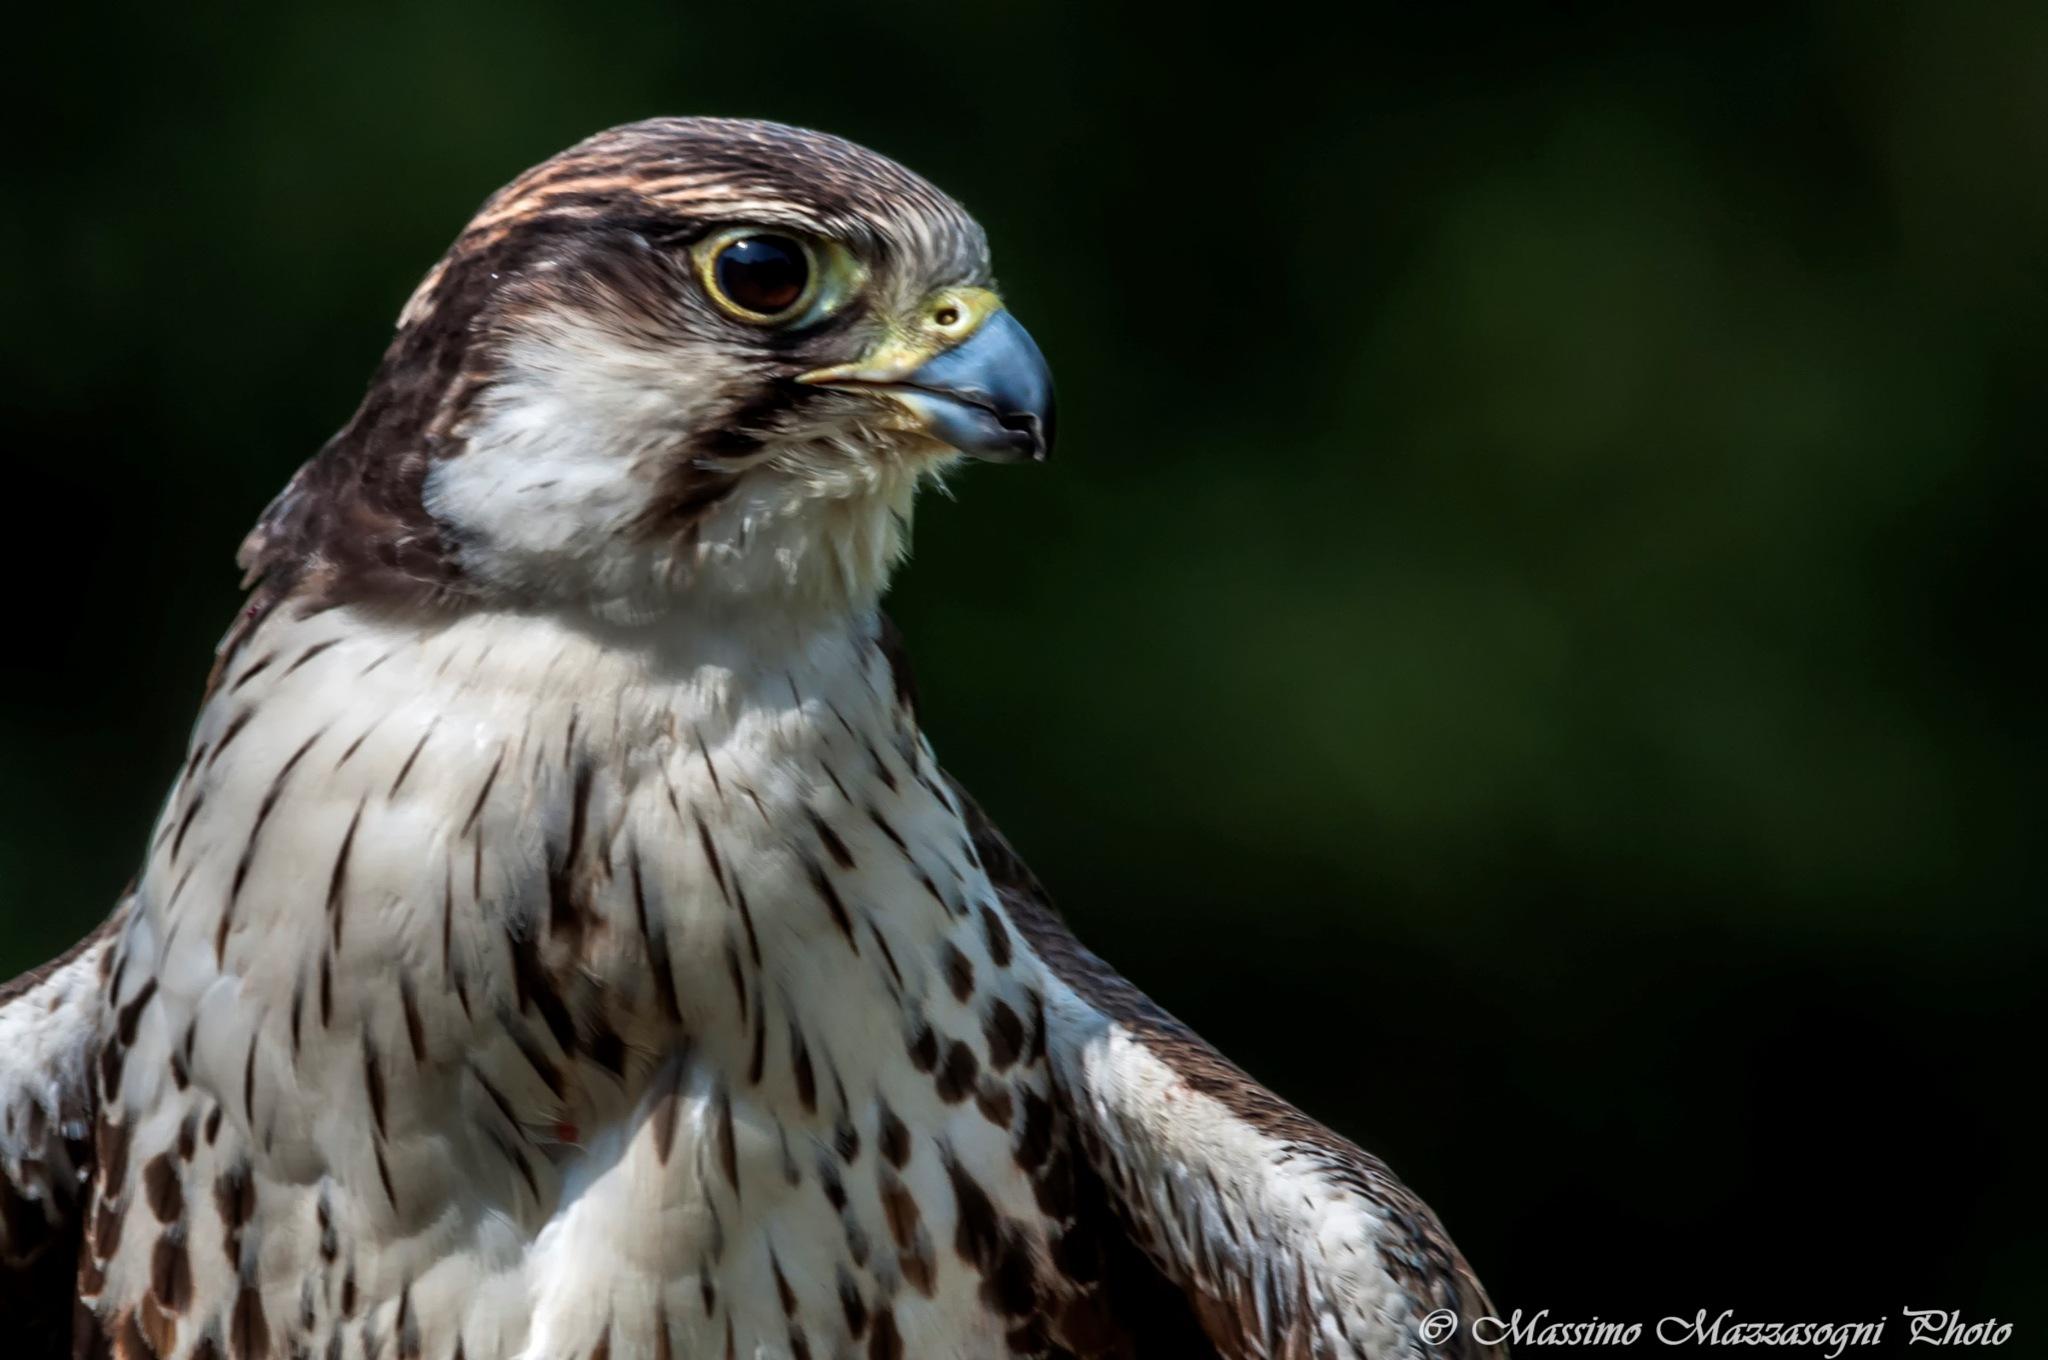 Hawk Portrait by Massimo Mazzasogni